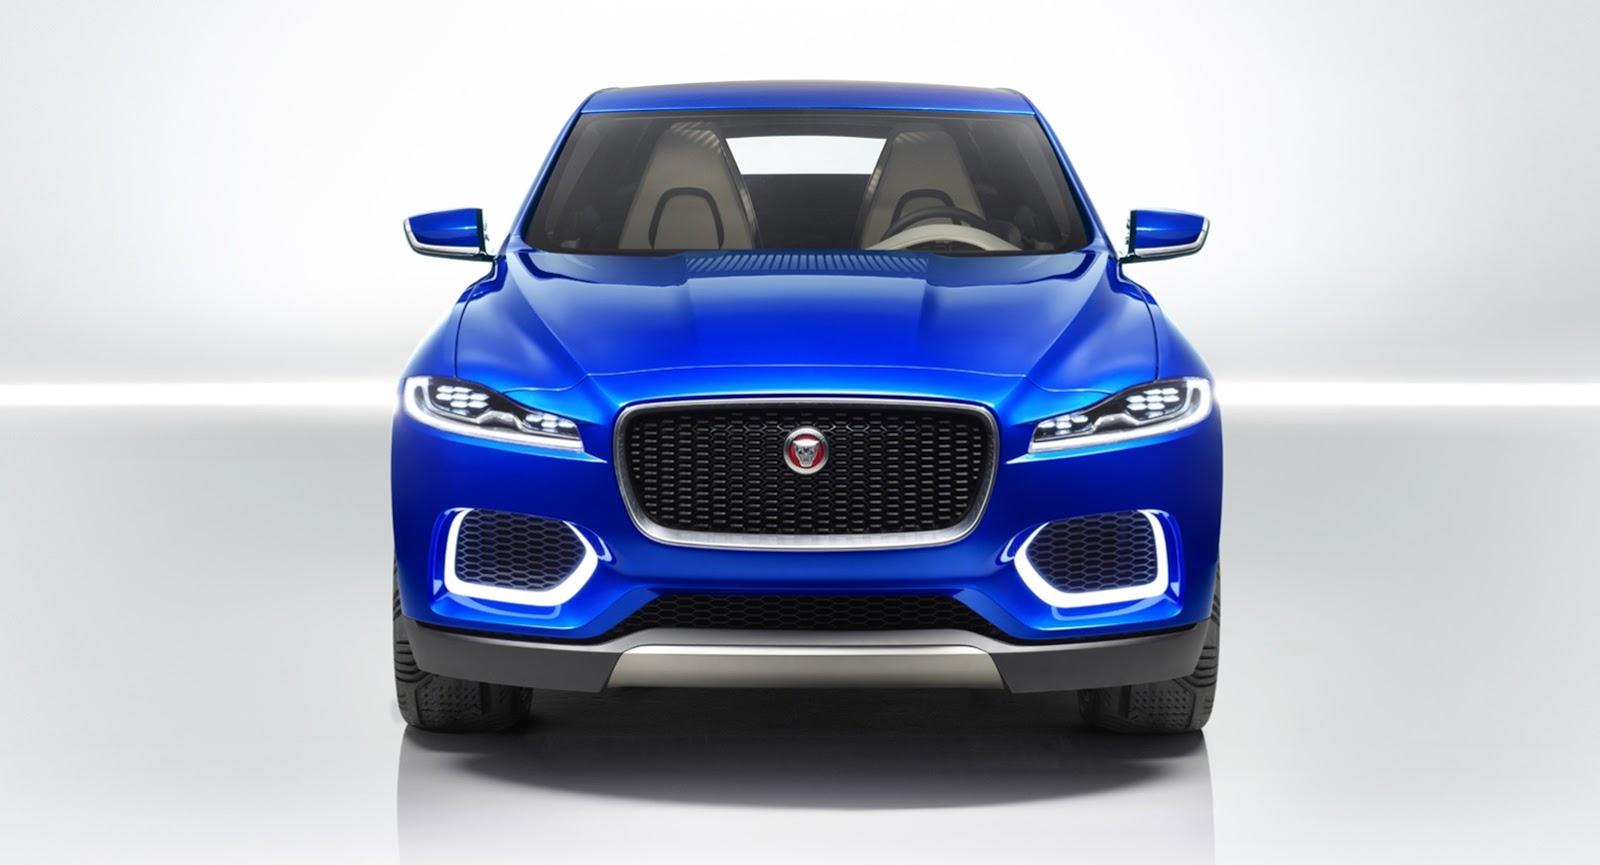 Jaguar muestra el frontal de su primer SUV